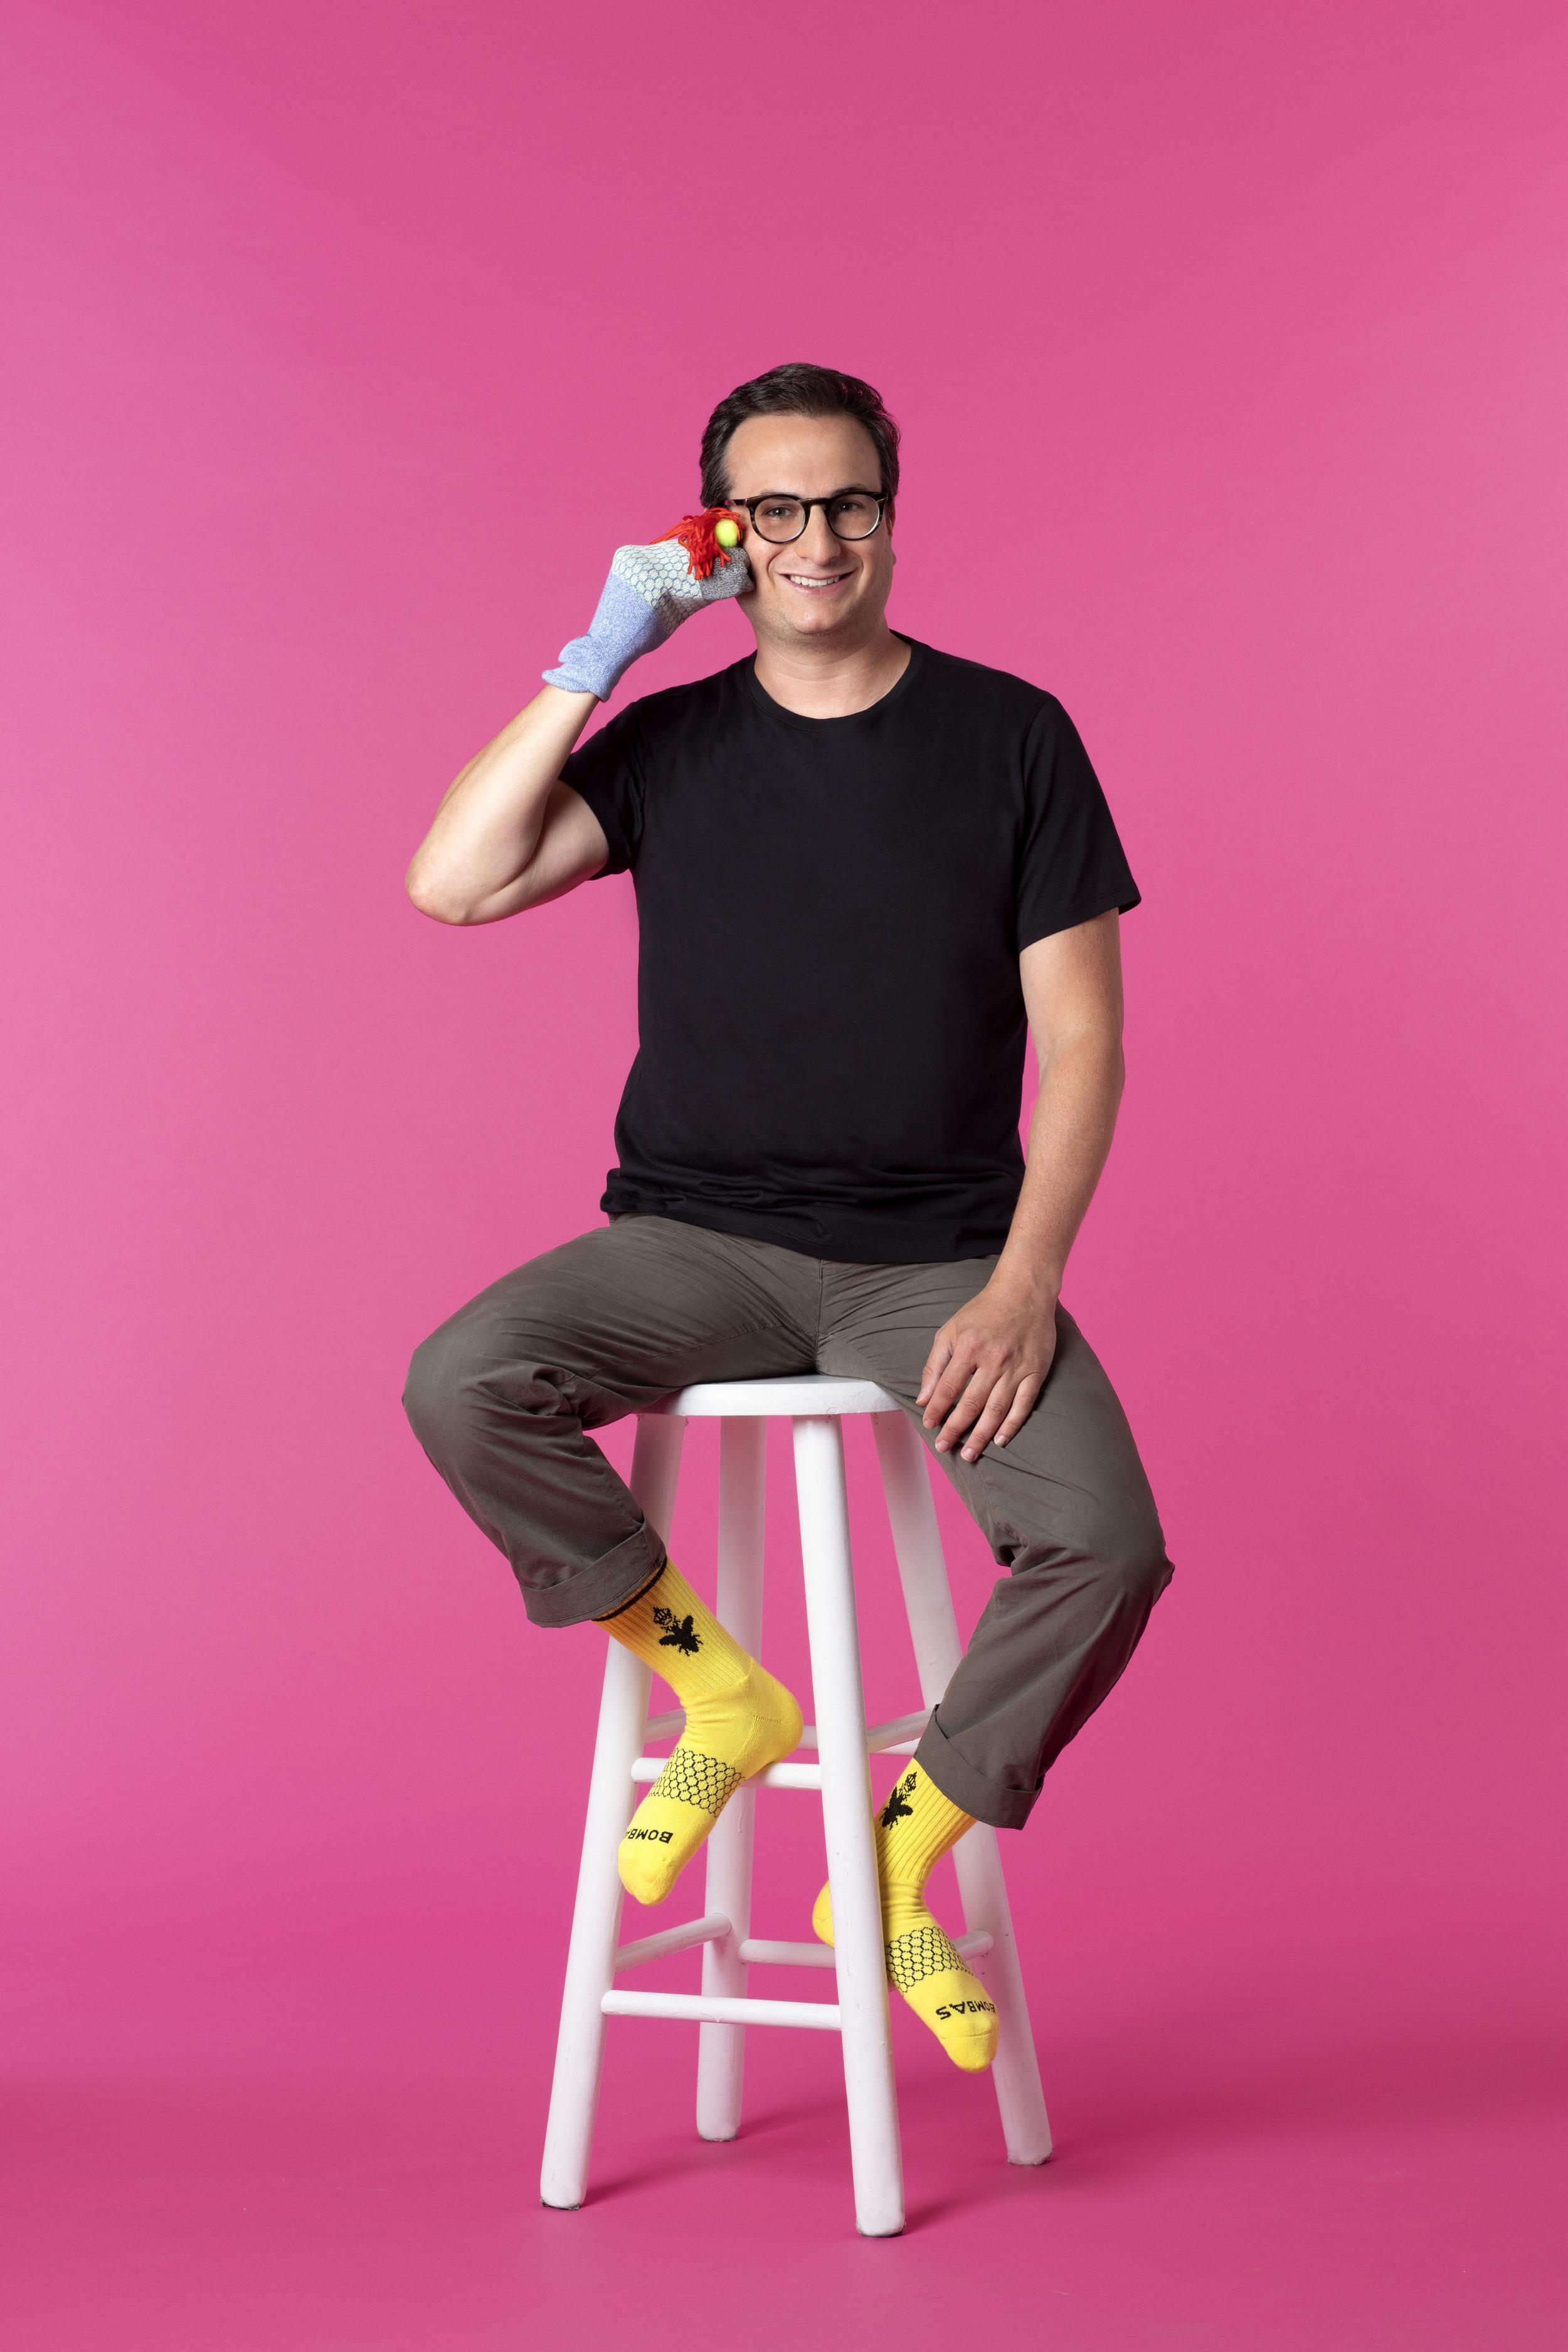 Bombas Socks x People Magazine